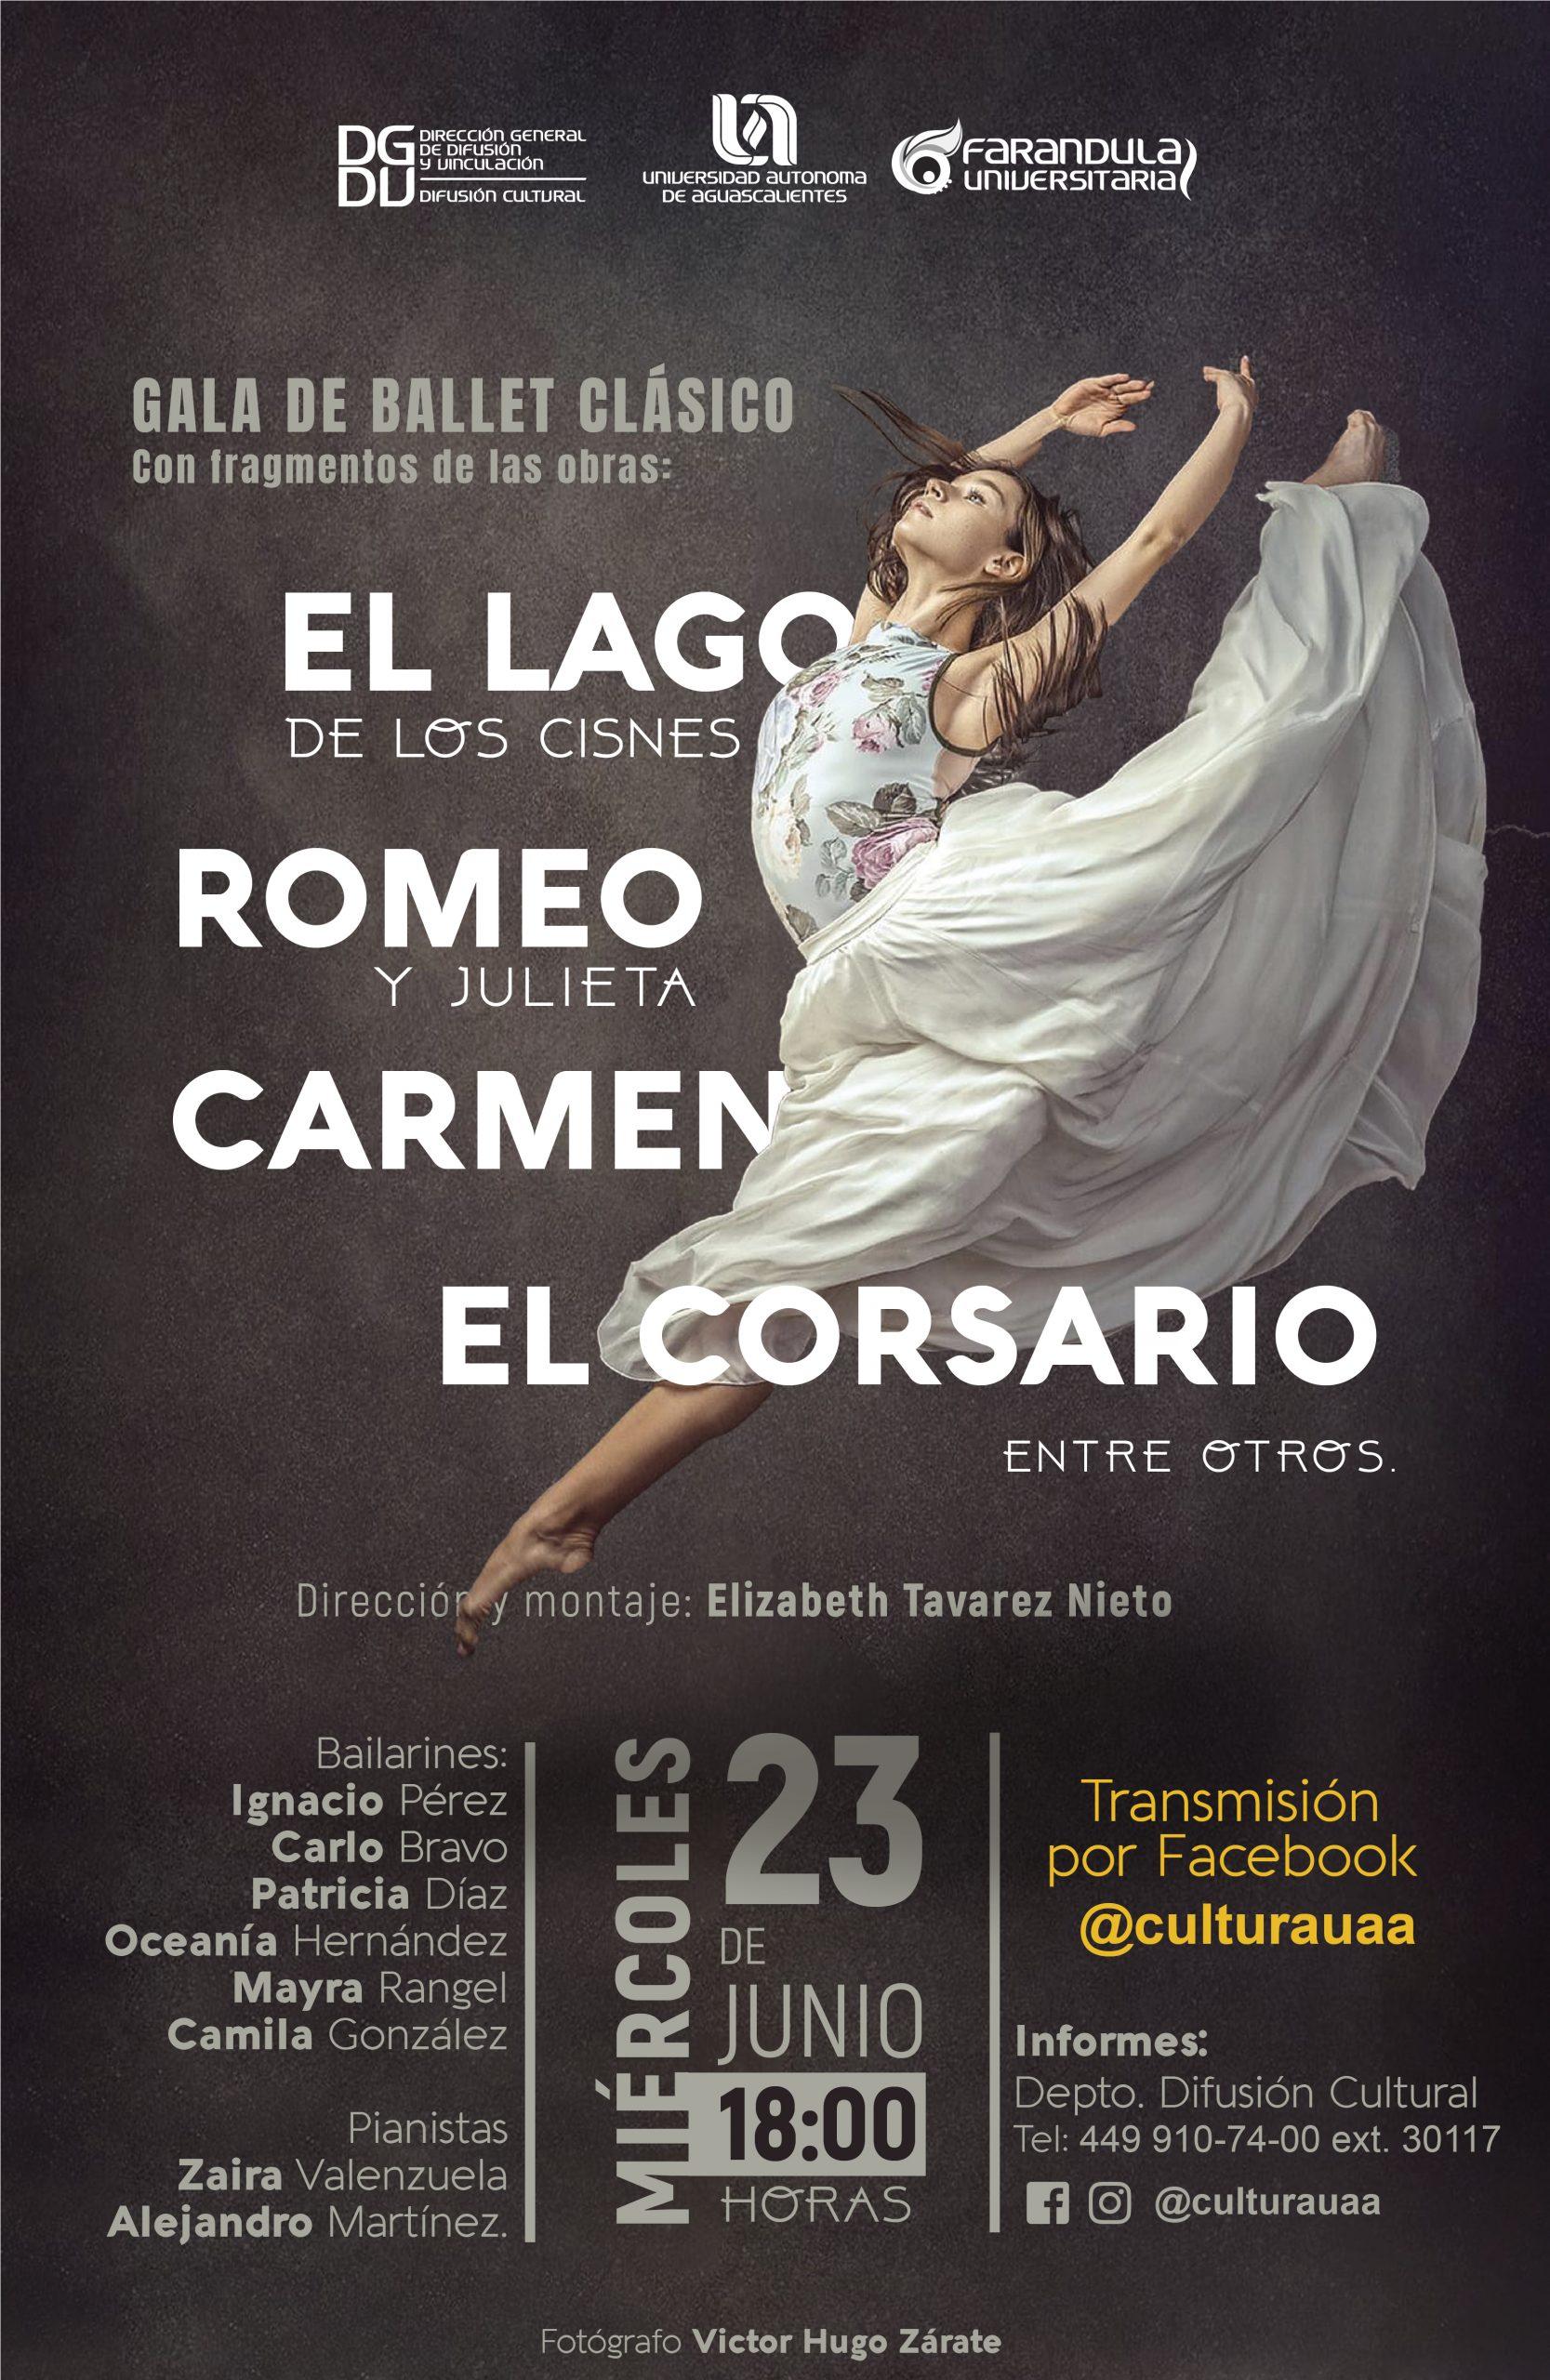 Gala de Ballet Clásico